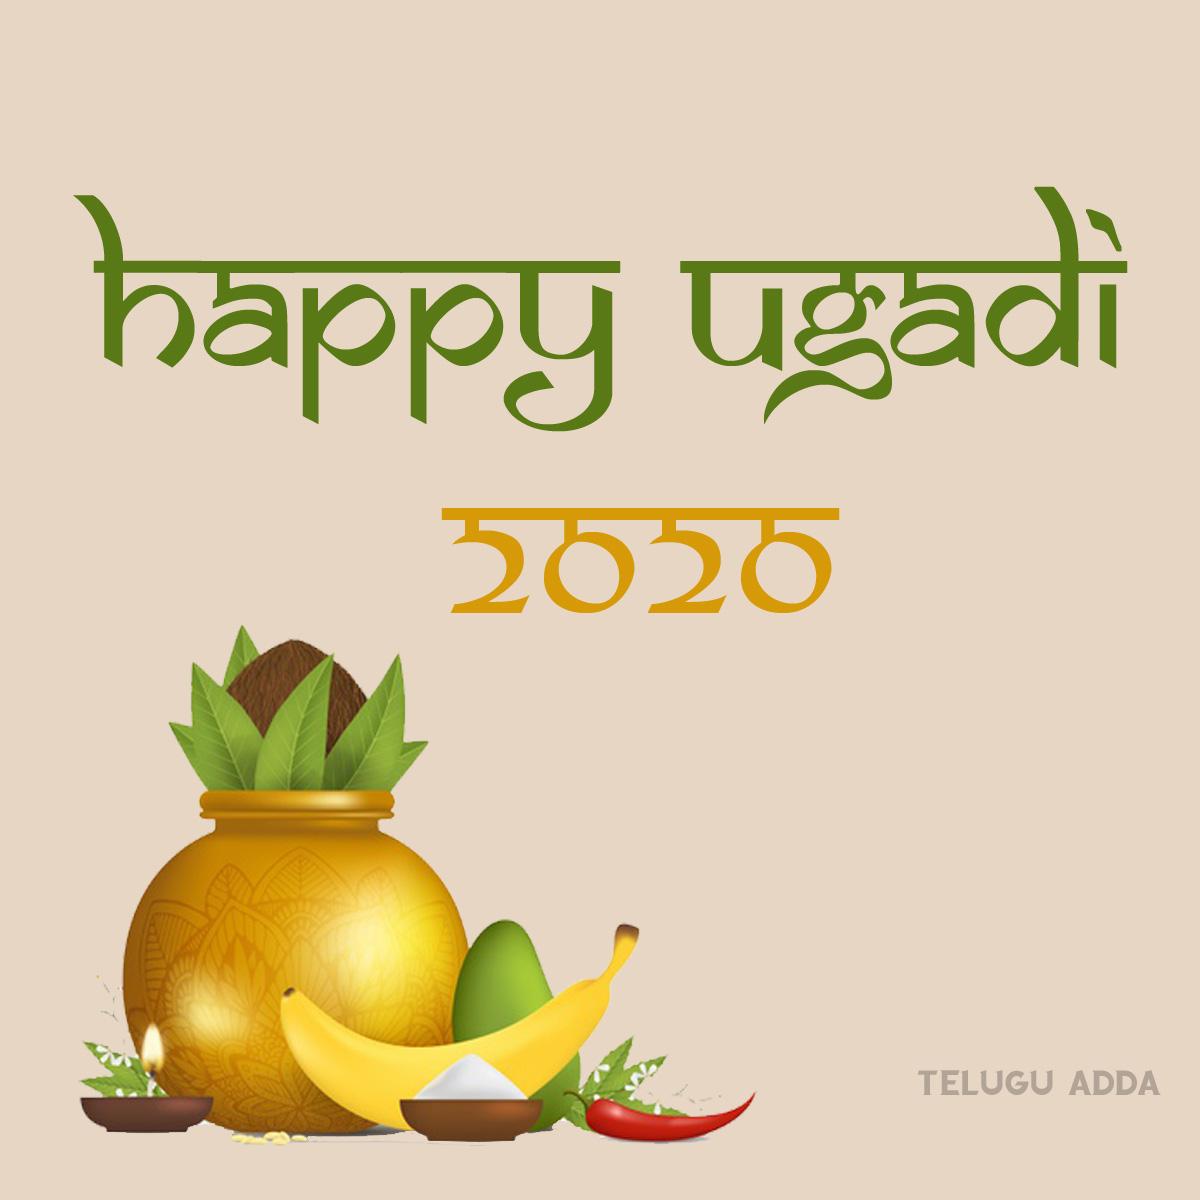 Ugadi Telugu Images 2020